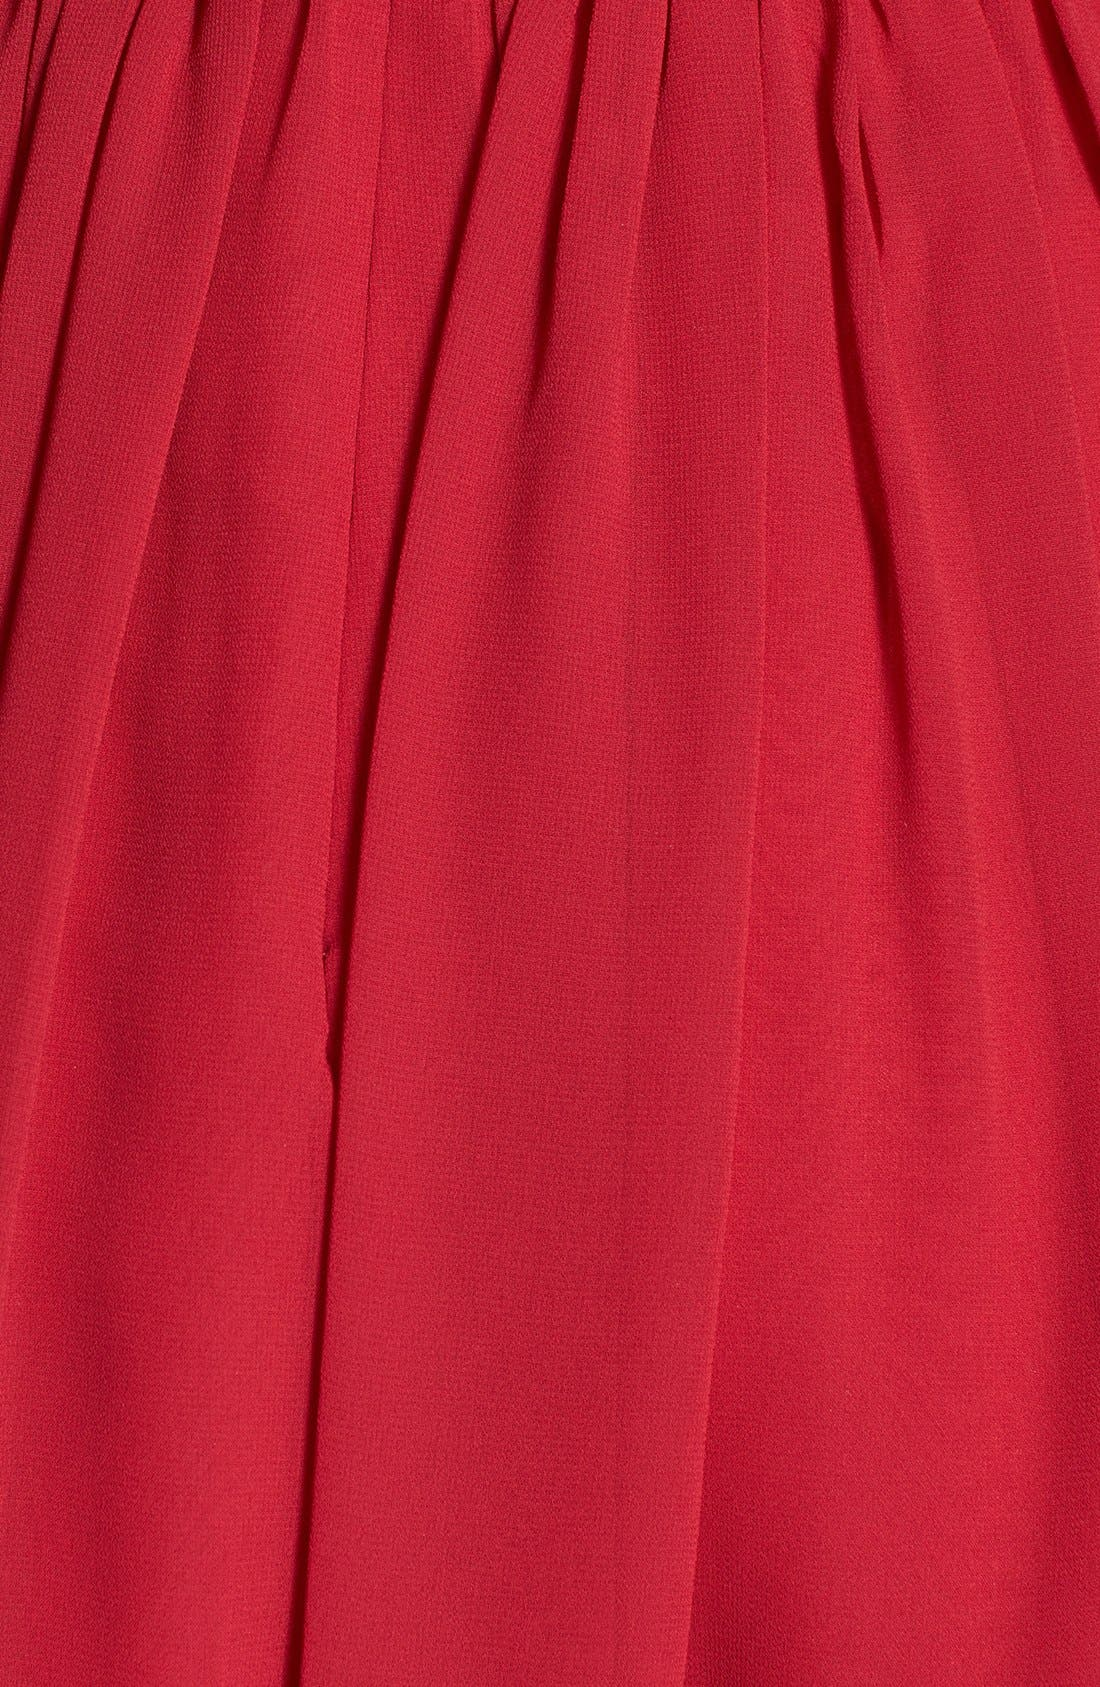 Alternate Image 3  - Jenny Yoo 'Cori' Gathered Chiffon Dress